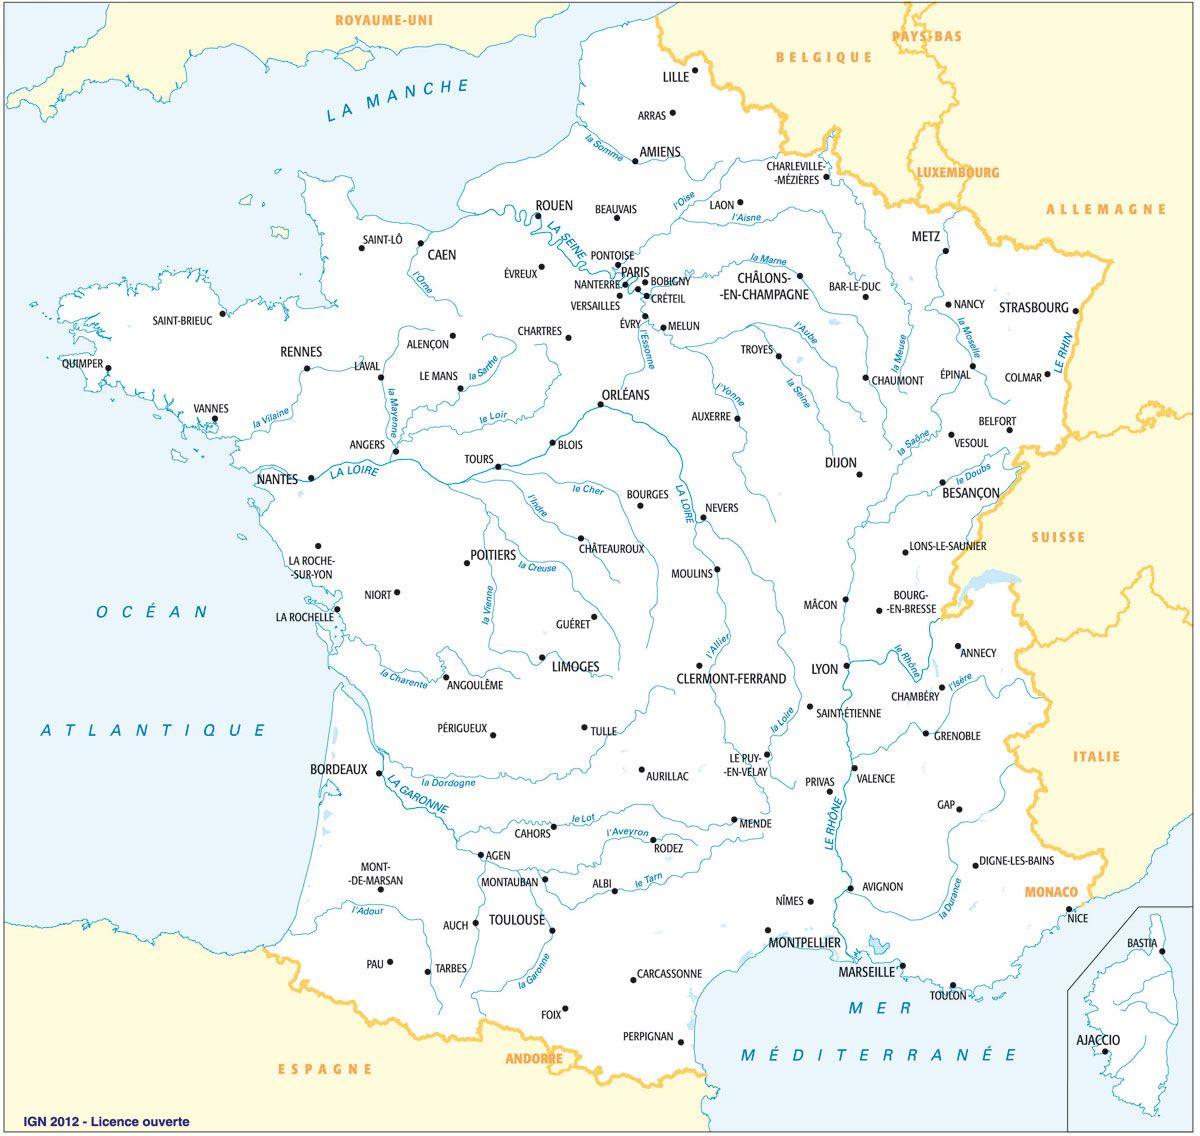 Fleuves Principaux Et Préfectures, Avec Toponymes | In à Fond De Carte France Fleuves